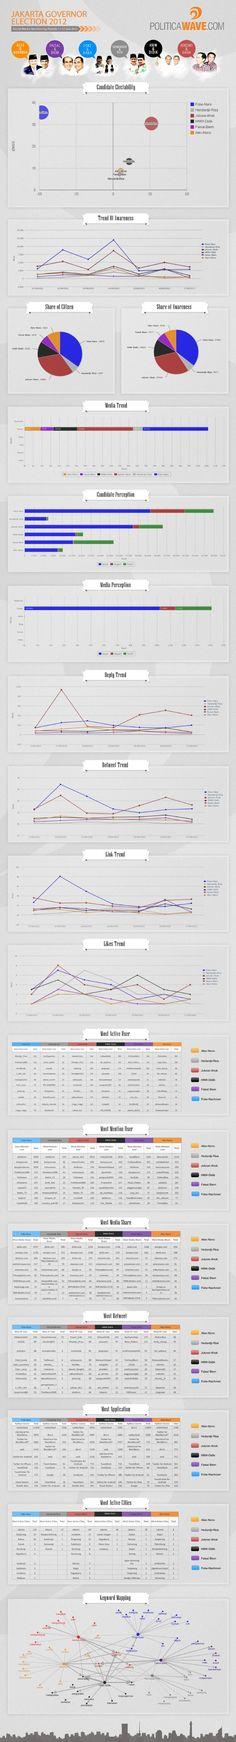 Jakarta Governor Election [infographic]11-17 June 2012 by MediaWave via Slideshare